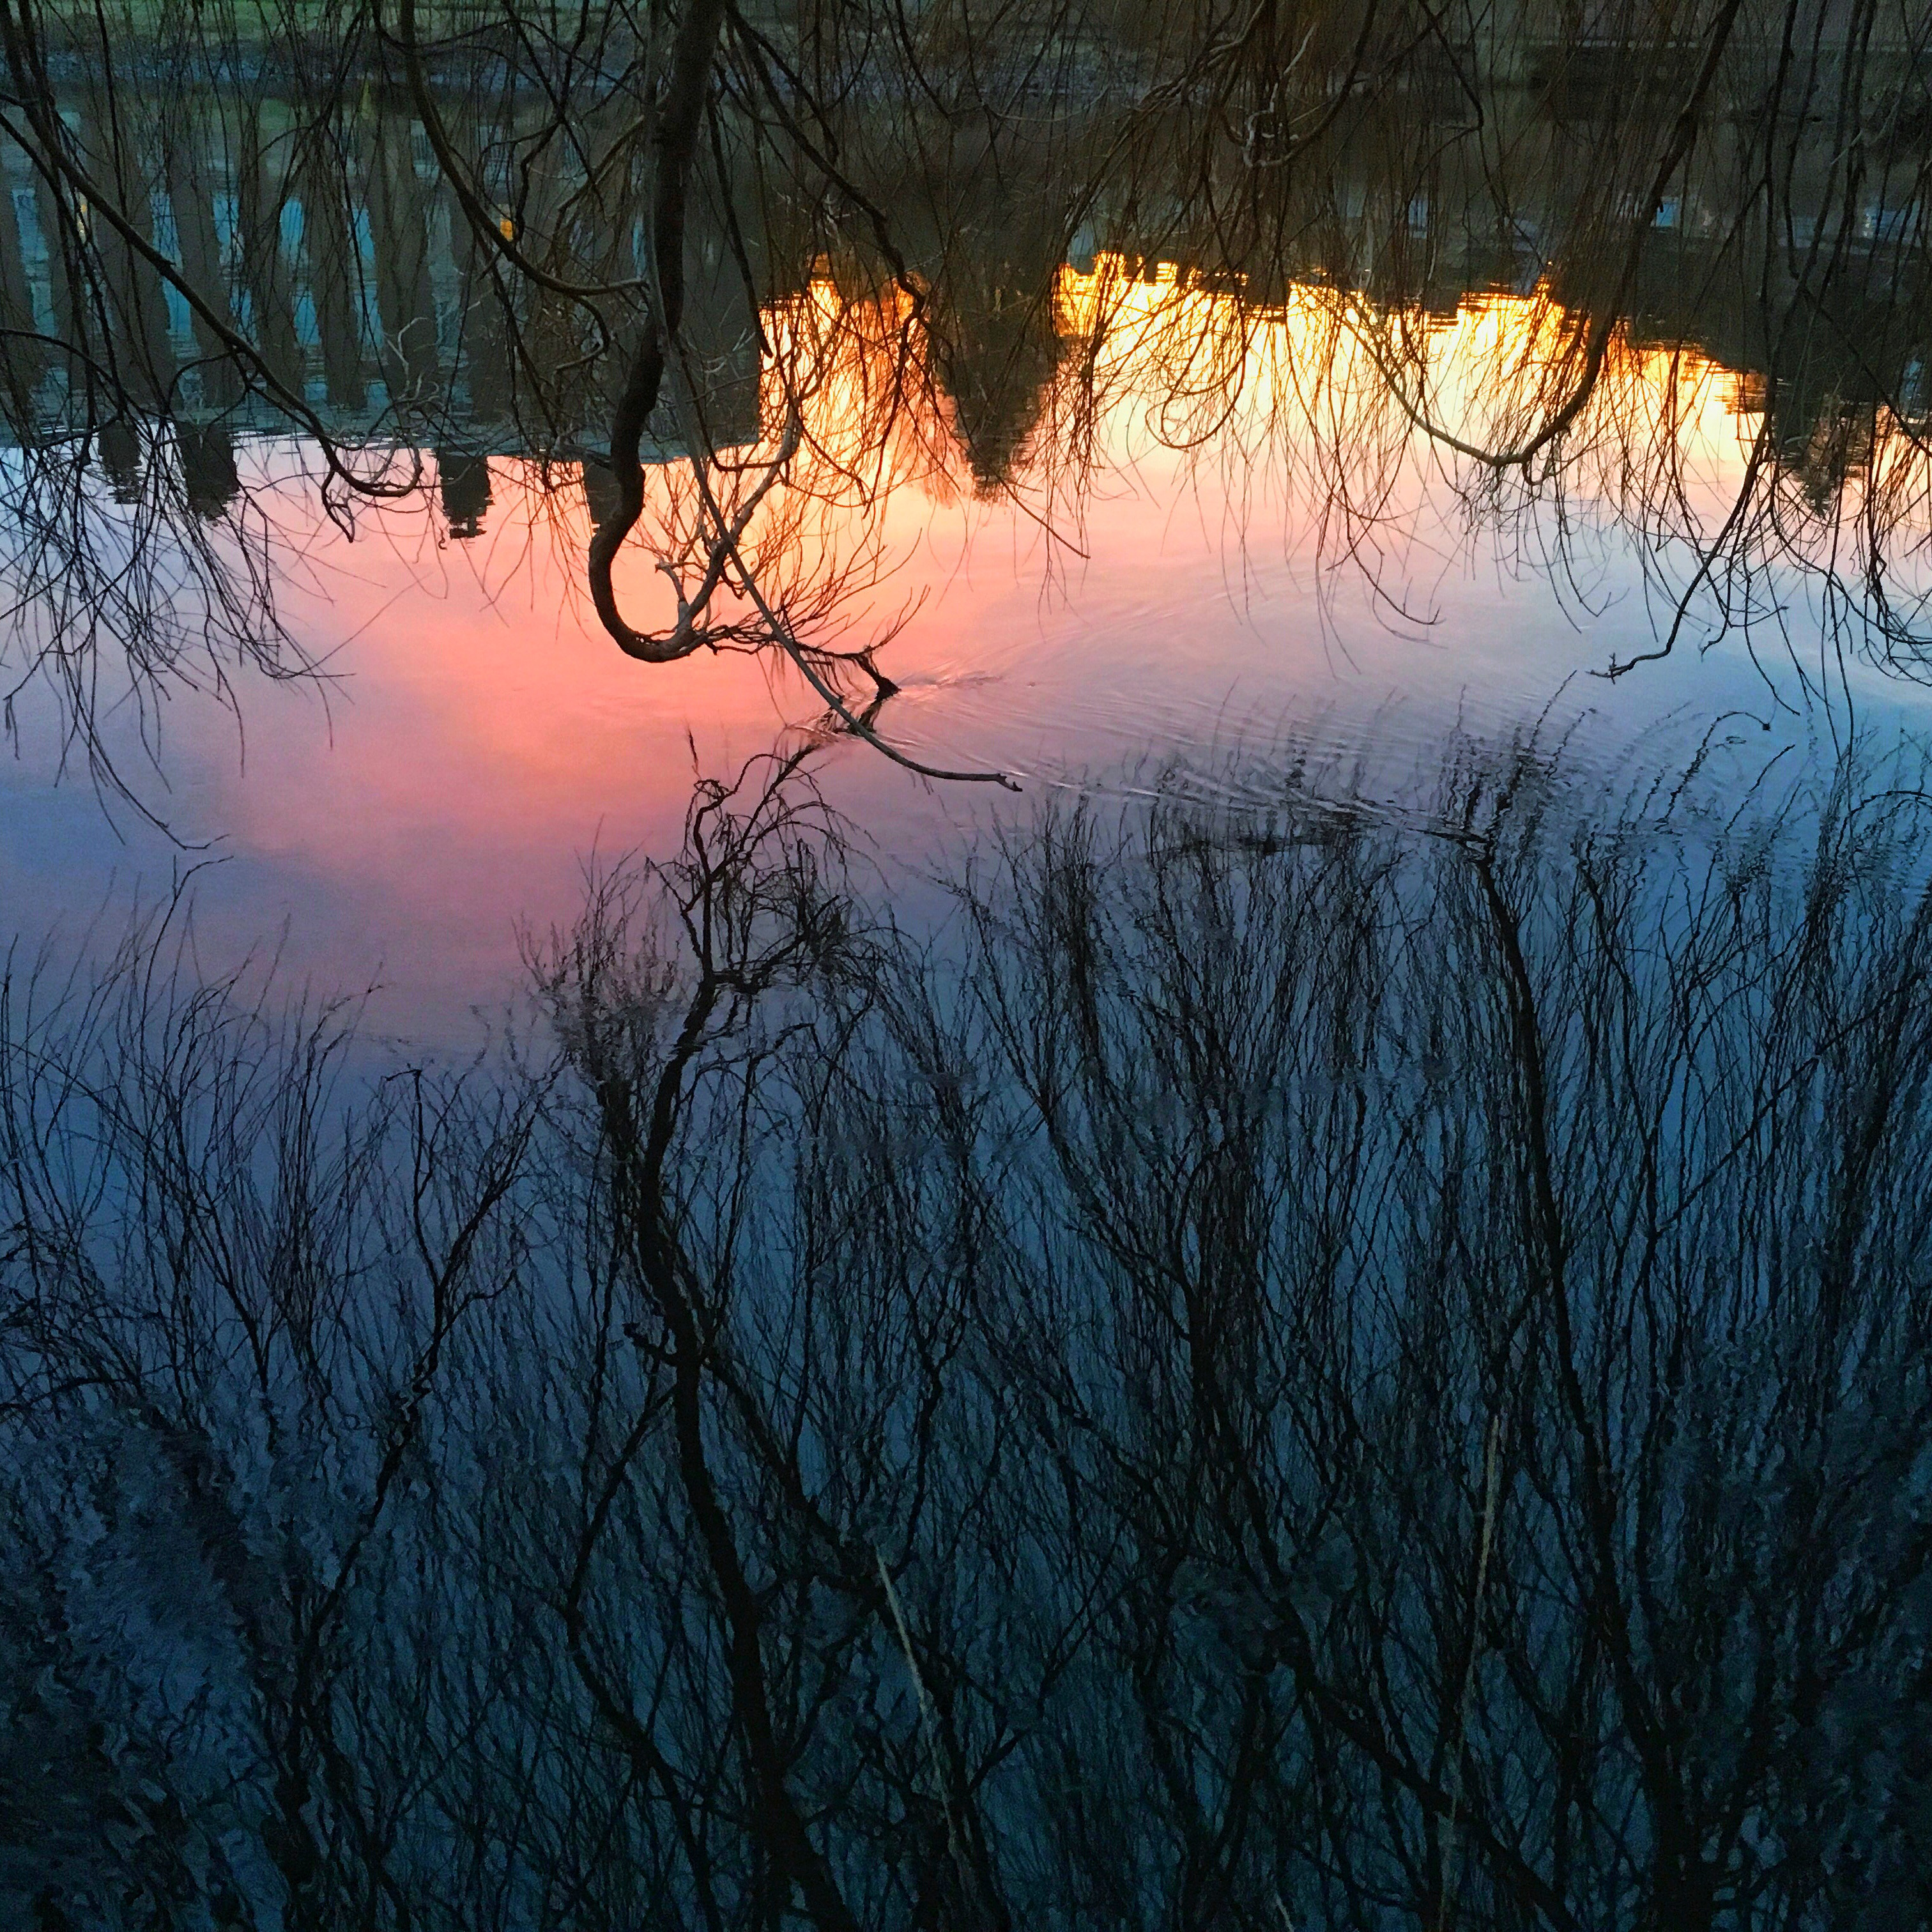 Sunset on the Severn, Shrewsbury